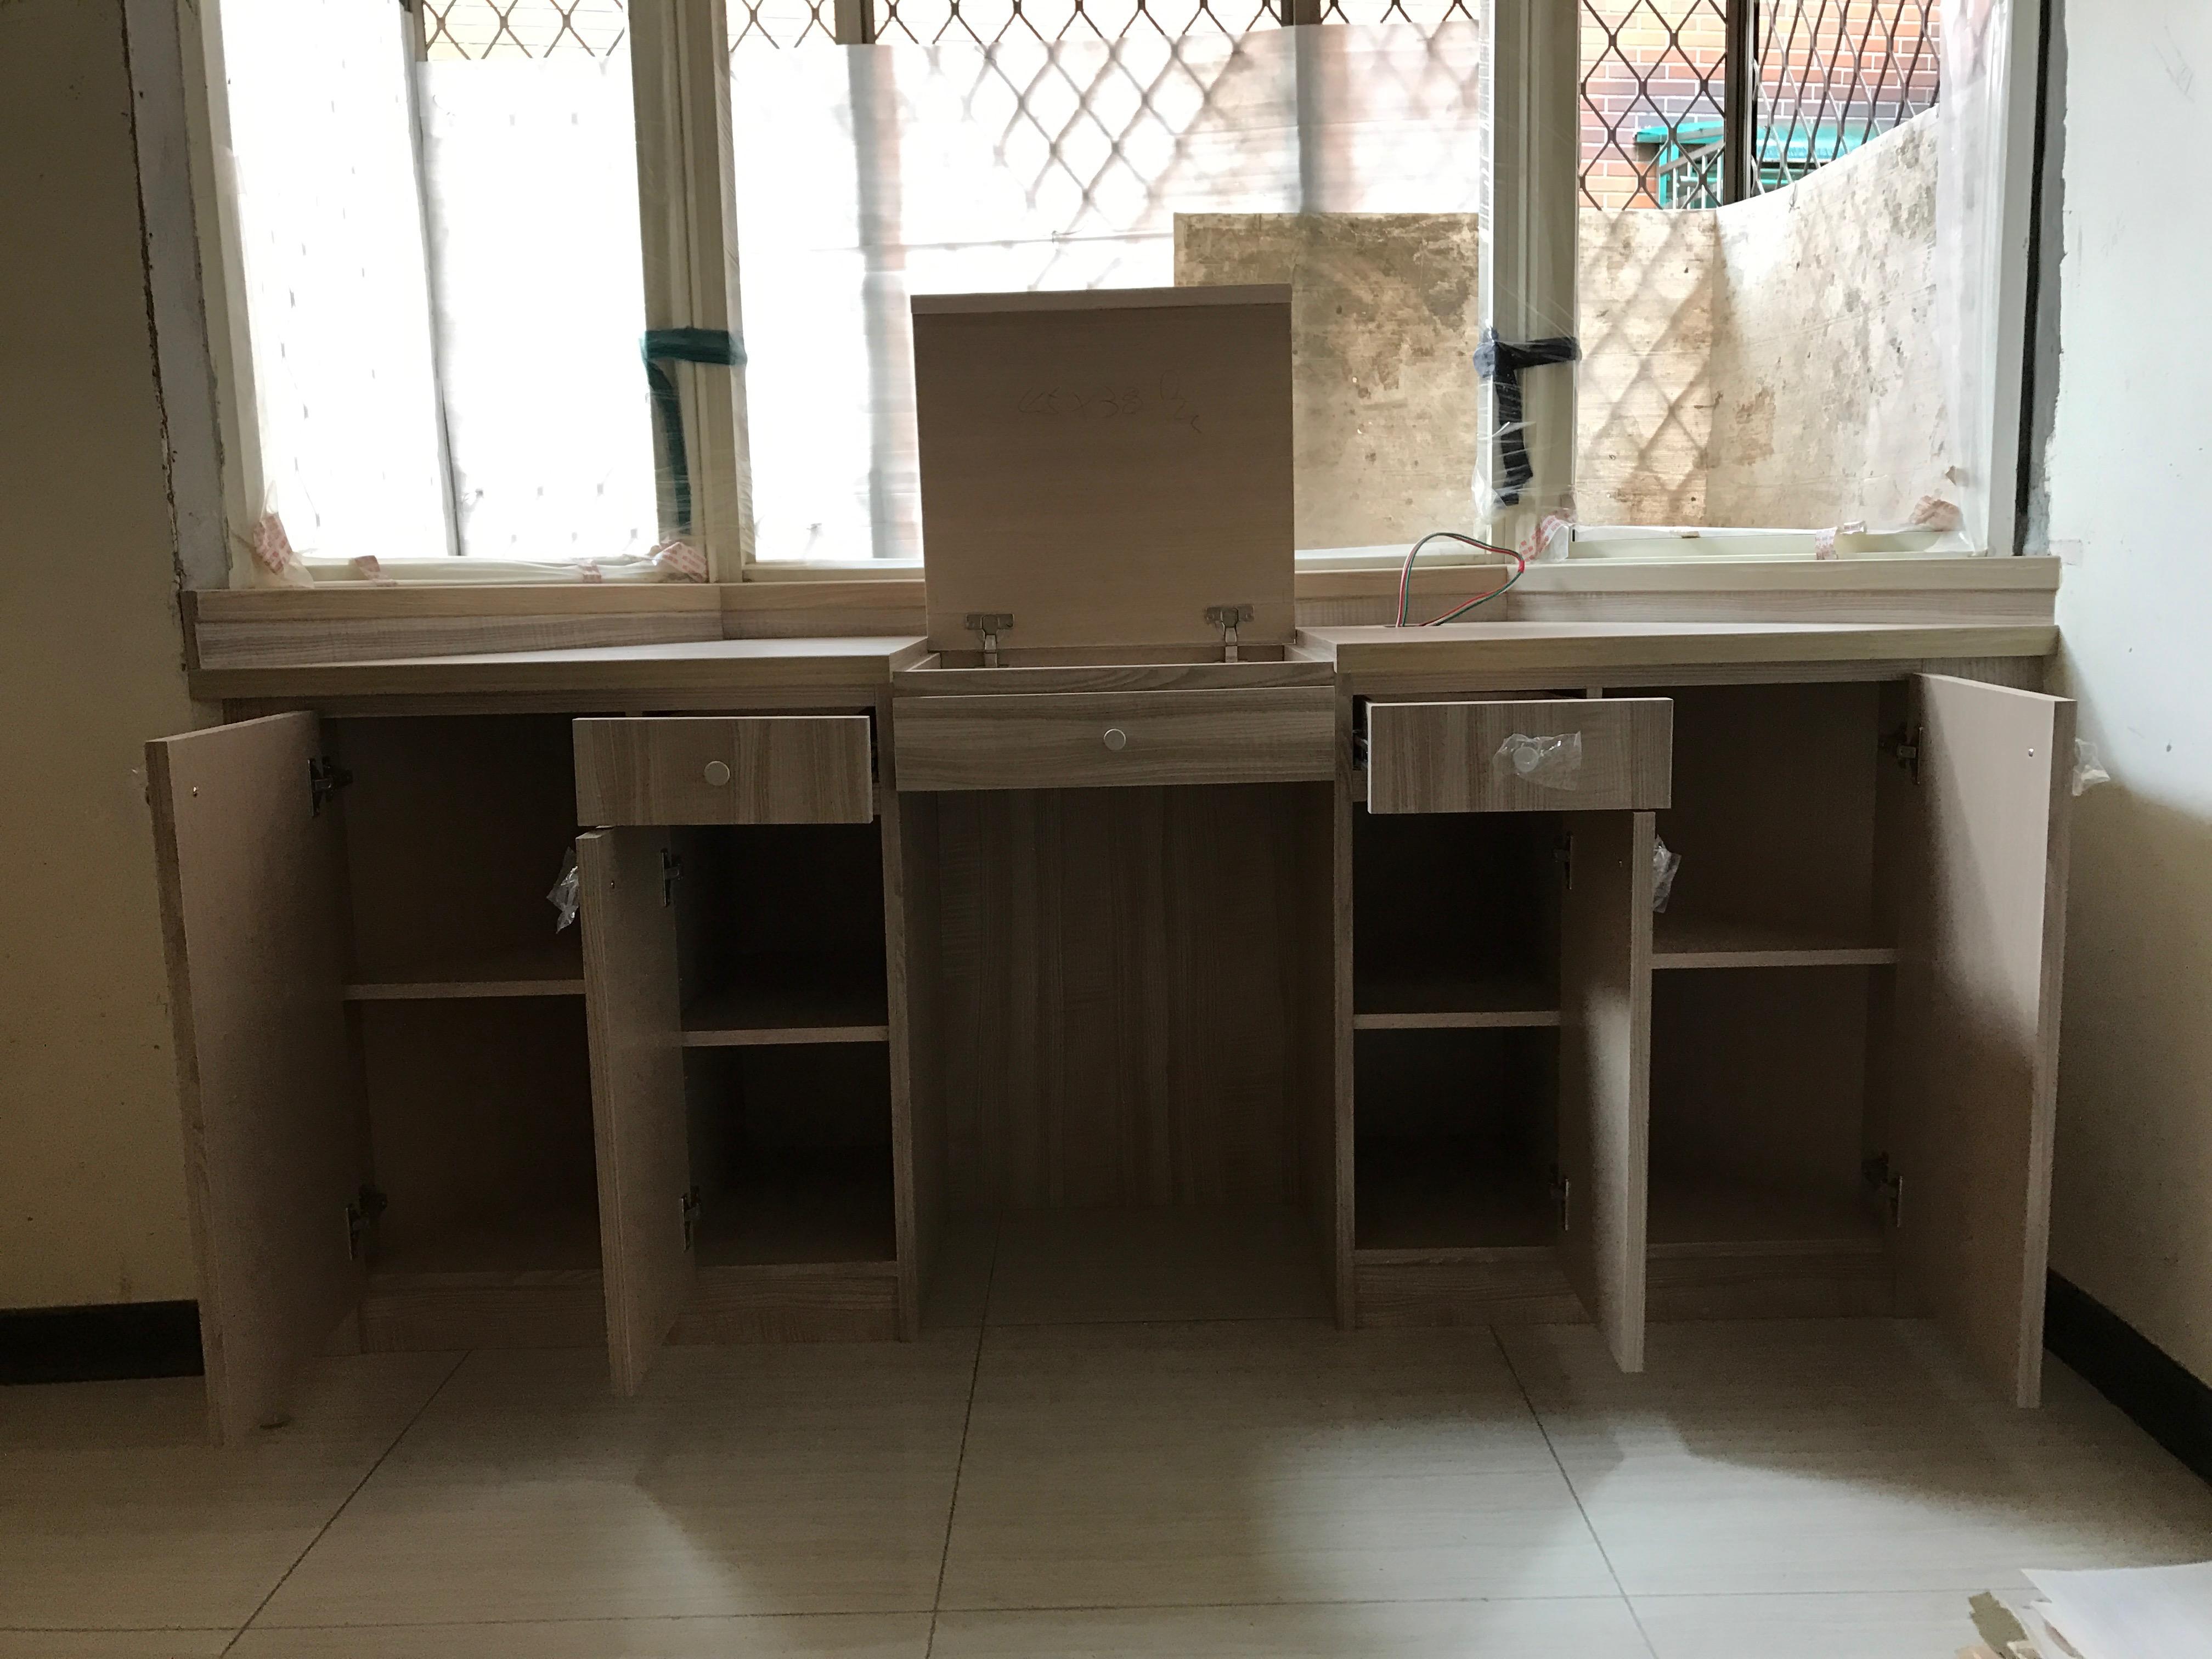 台北市住家室內裝潢衣櫃系統櫃木工 (4)